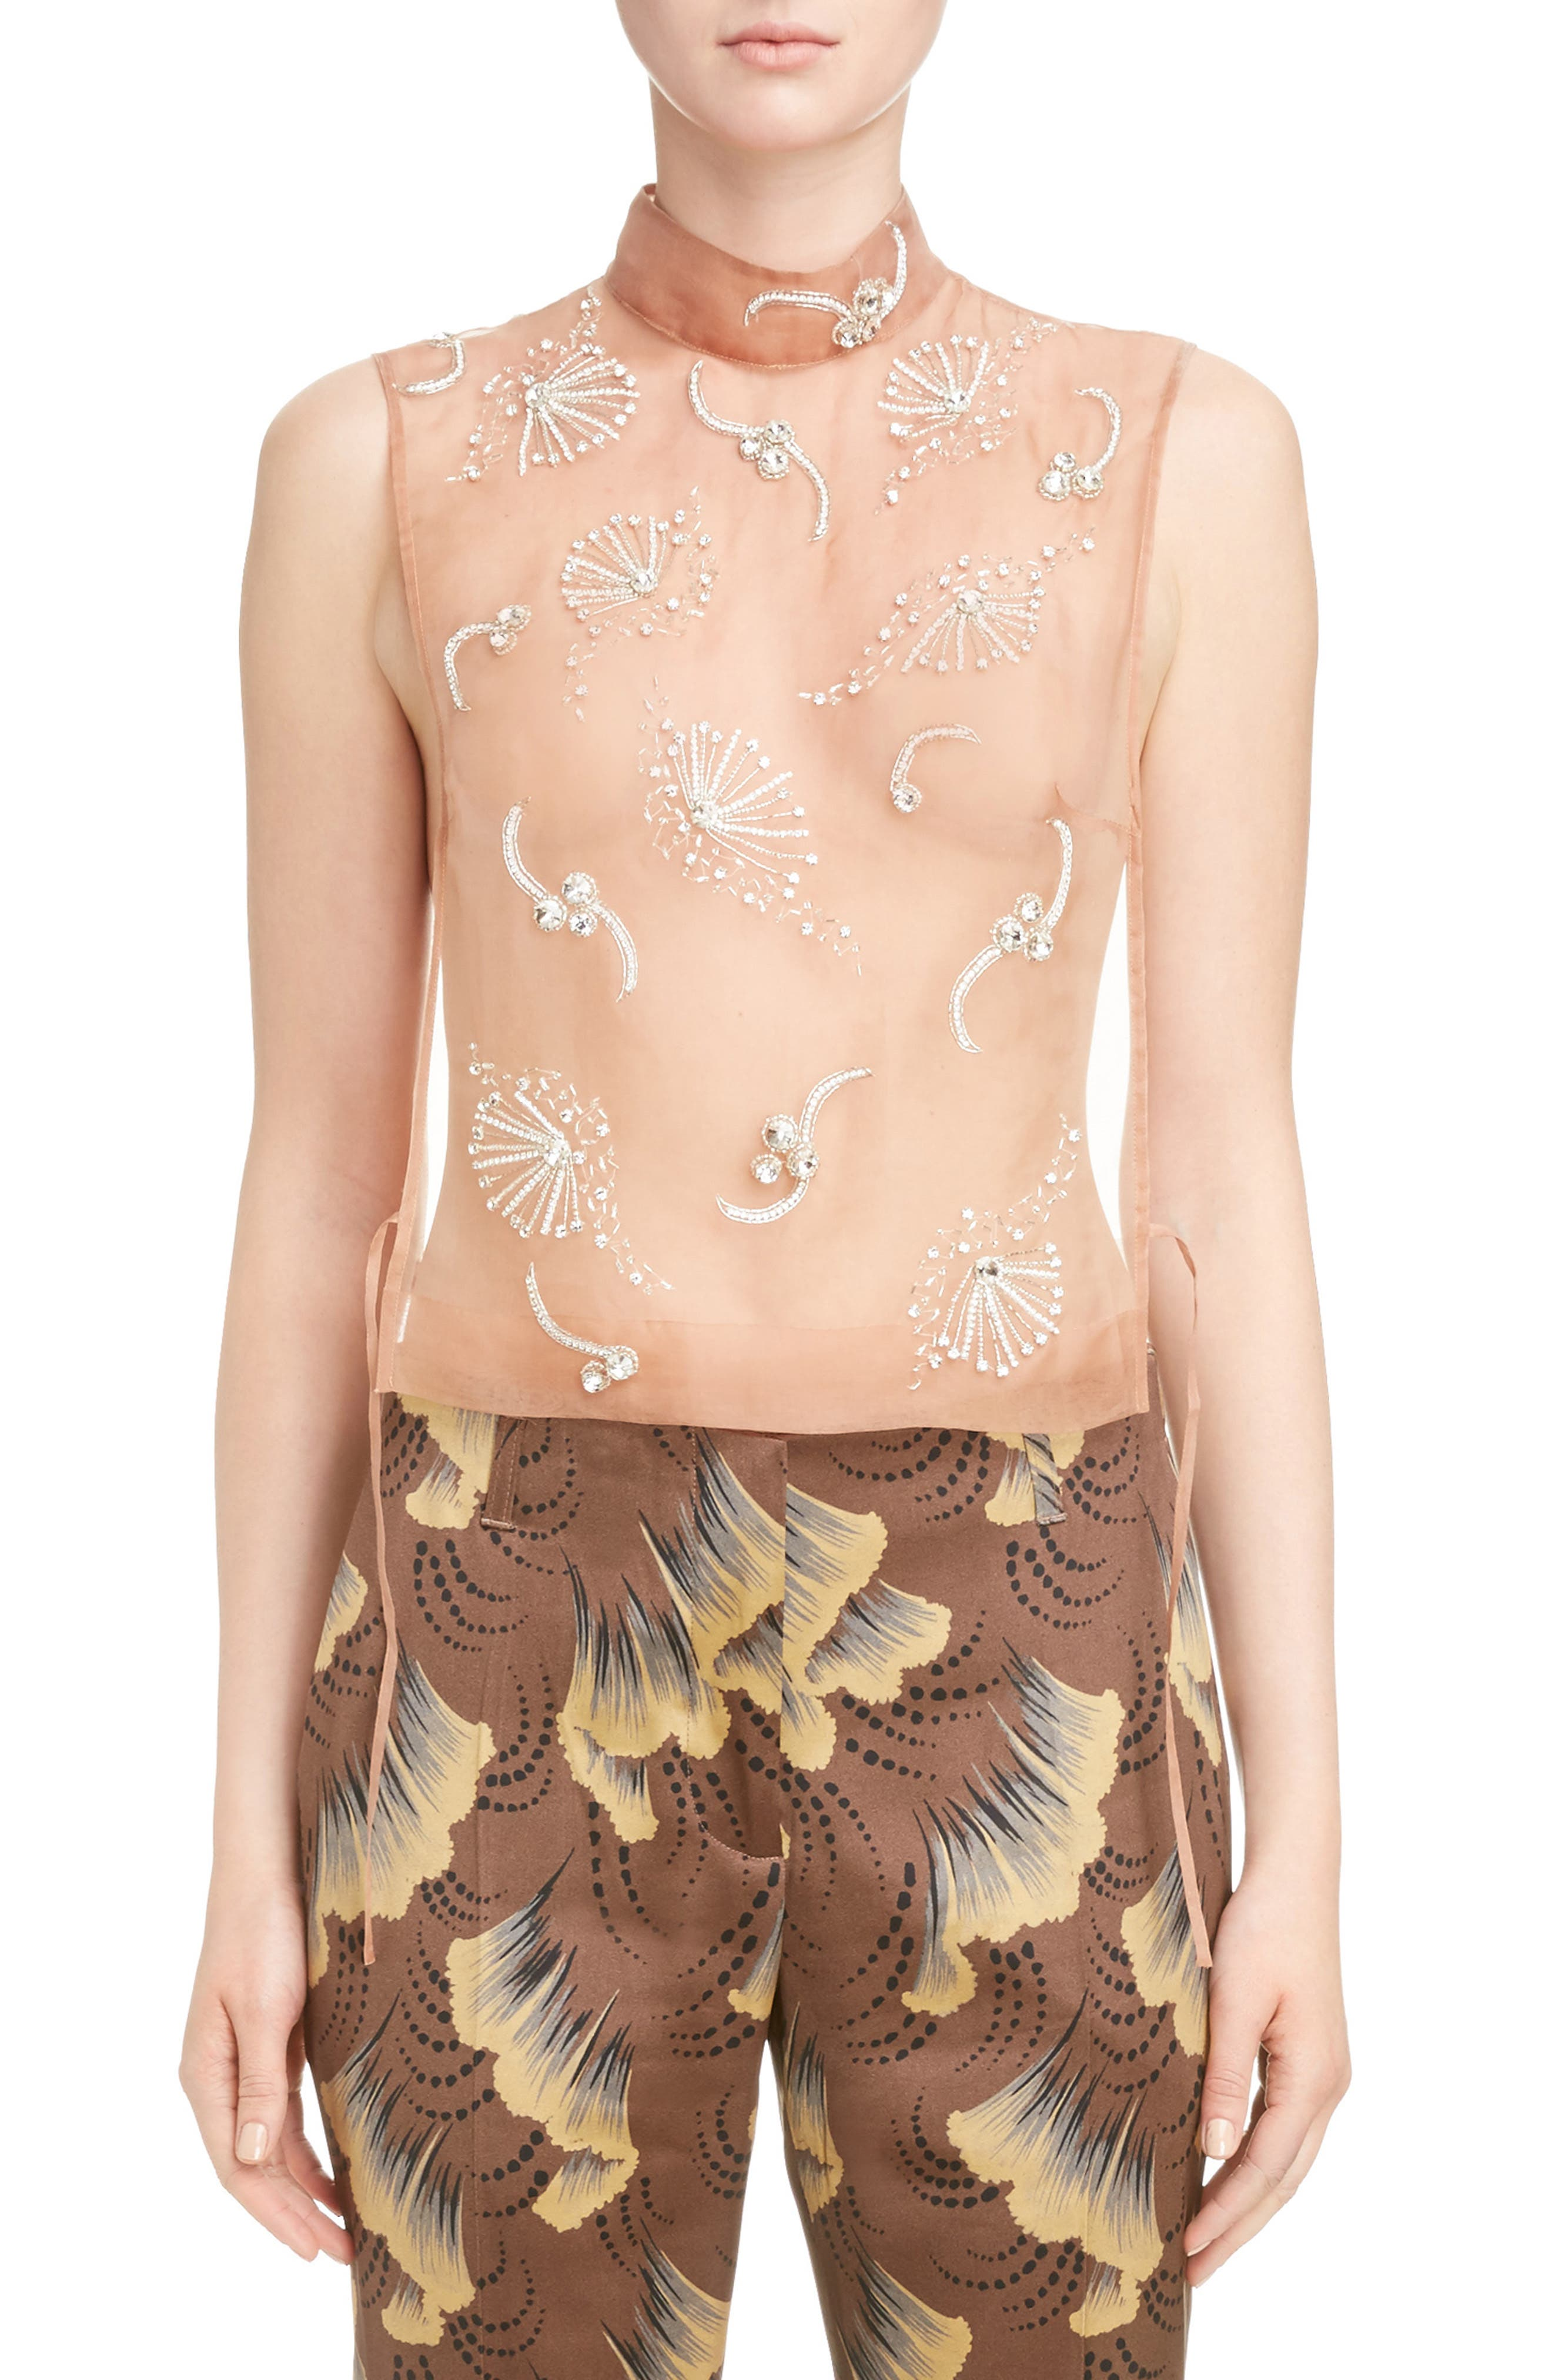 Alternate Image 1 Selected - Dries Van Noten Sheer Embellished Silk Tank